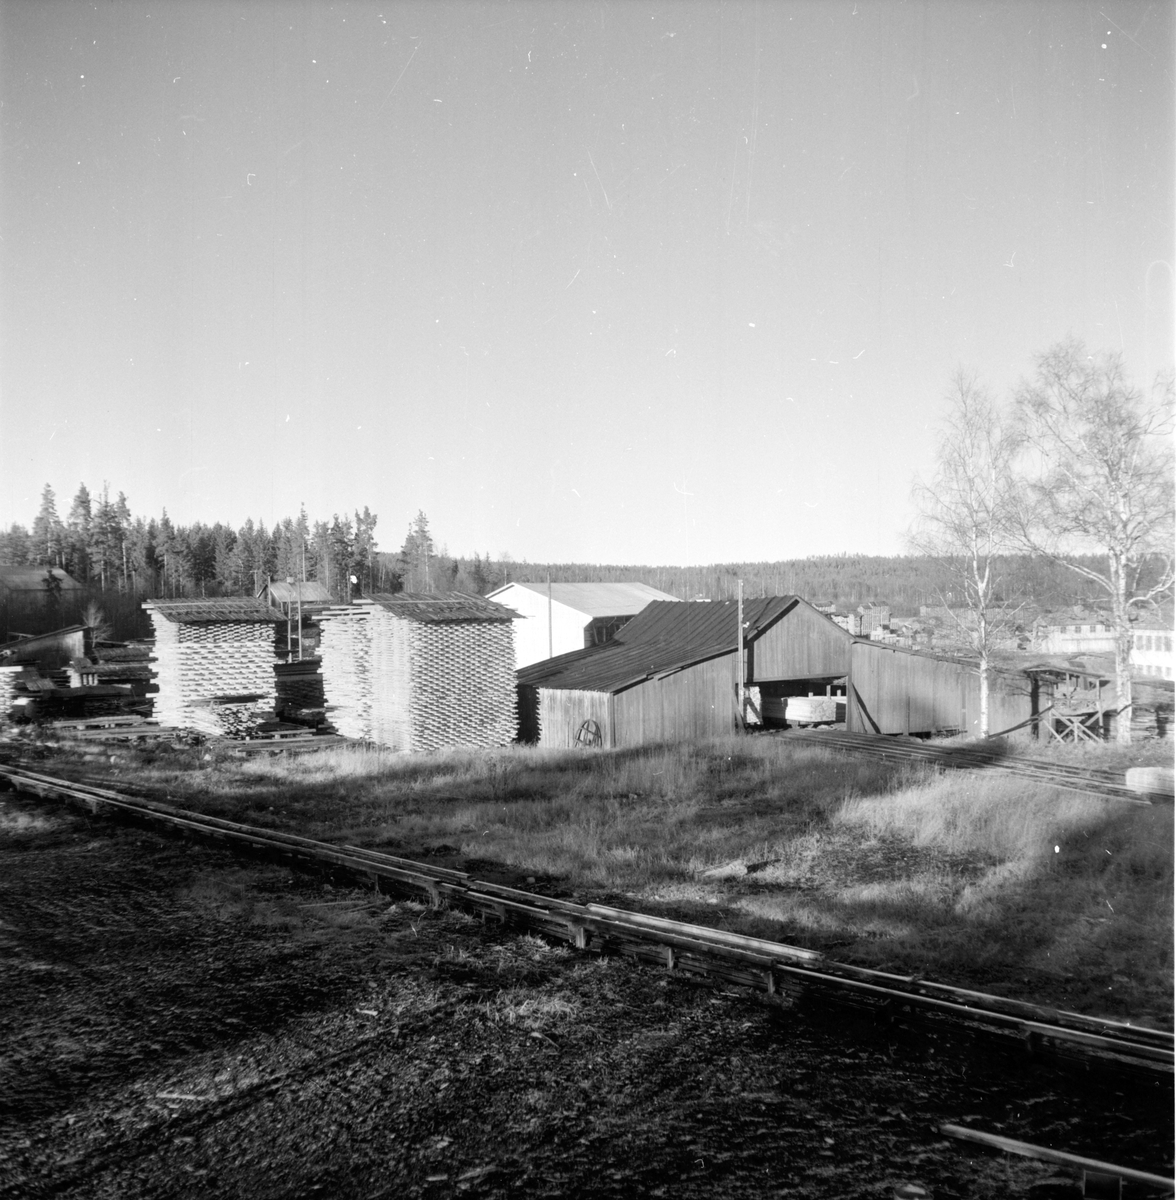 Lingbo, Skog, Finnés, November 1959